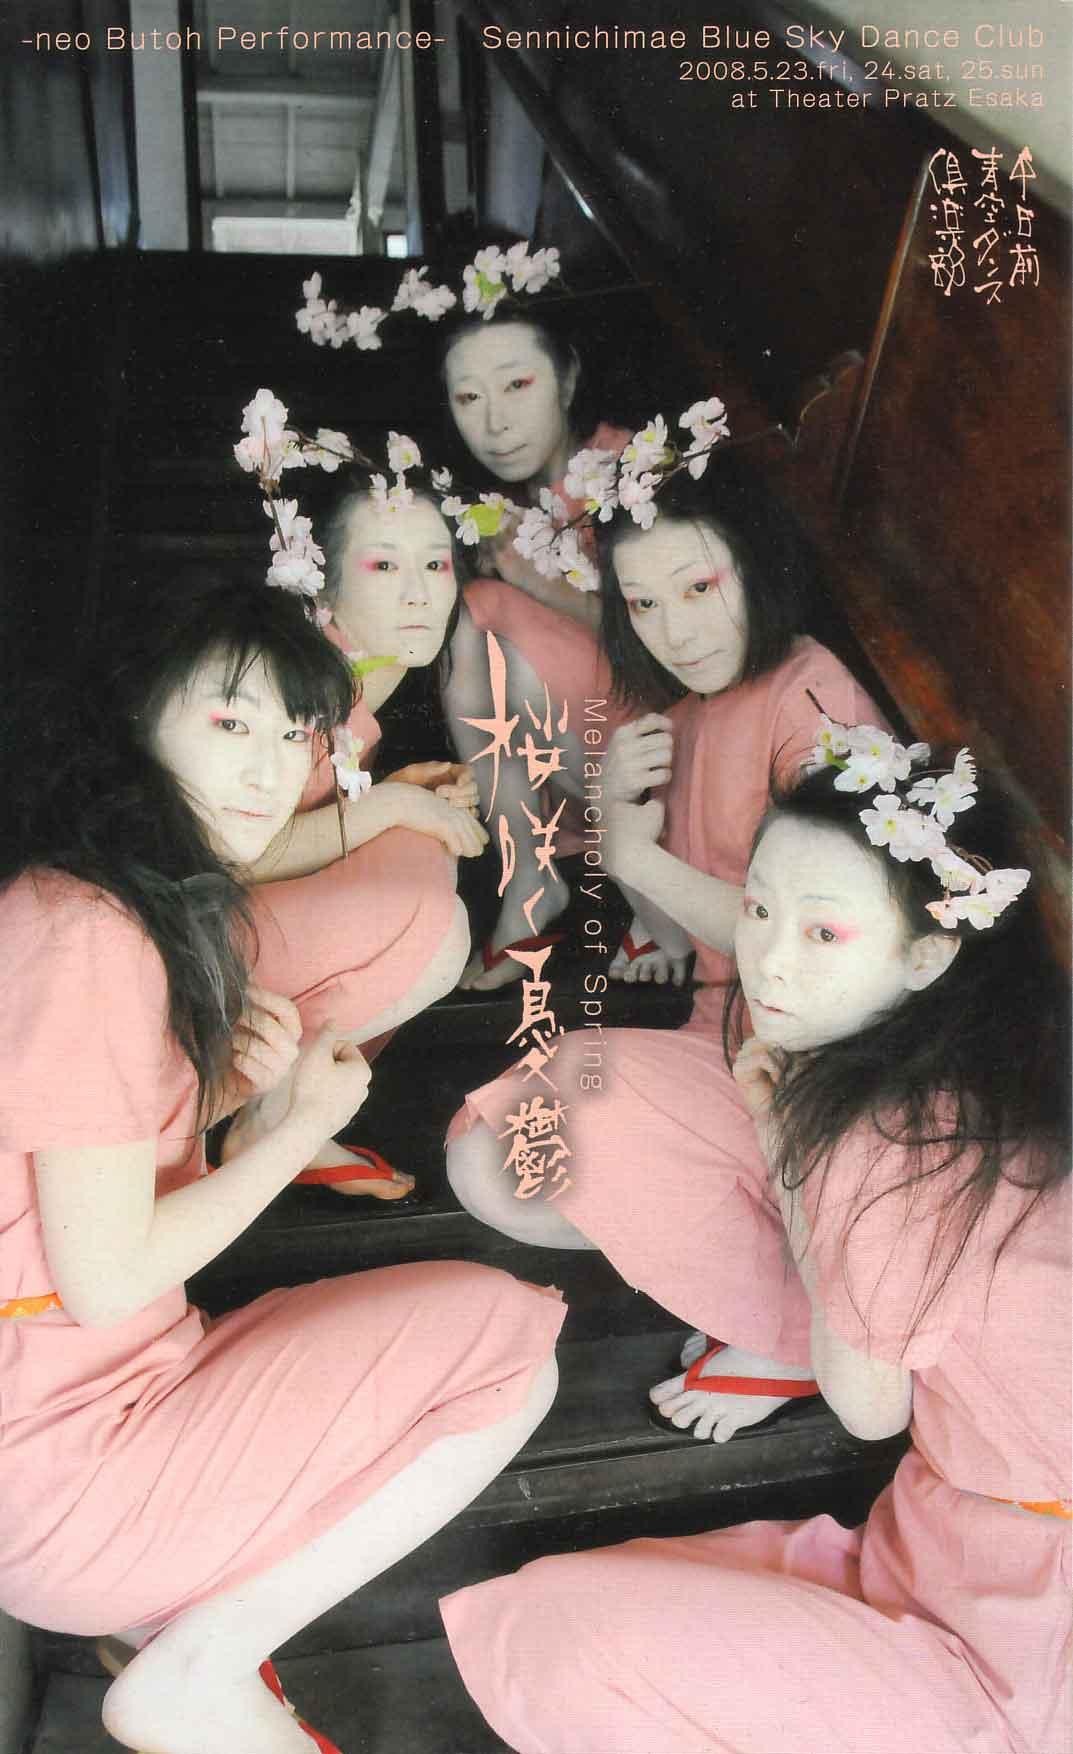 桜咲く憂鬱 千日前青空ダンス倶楽部